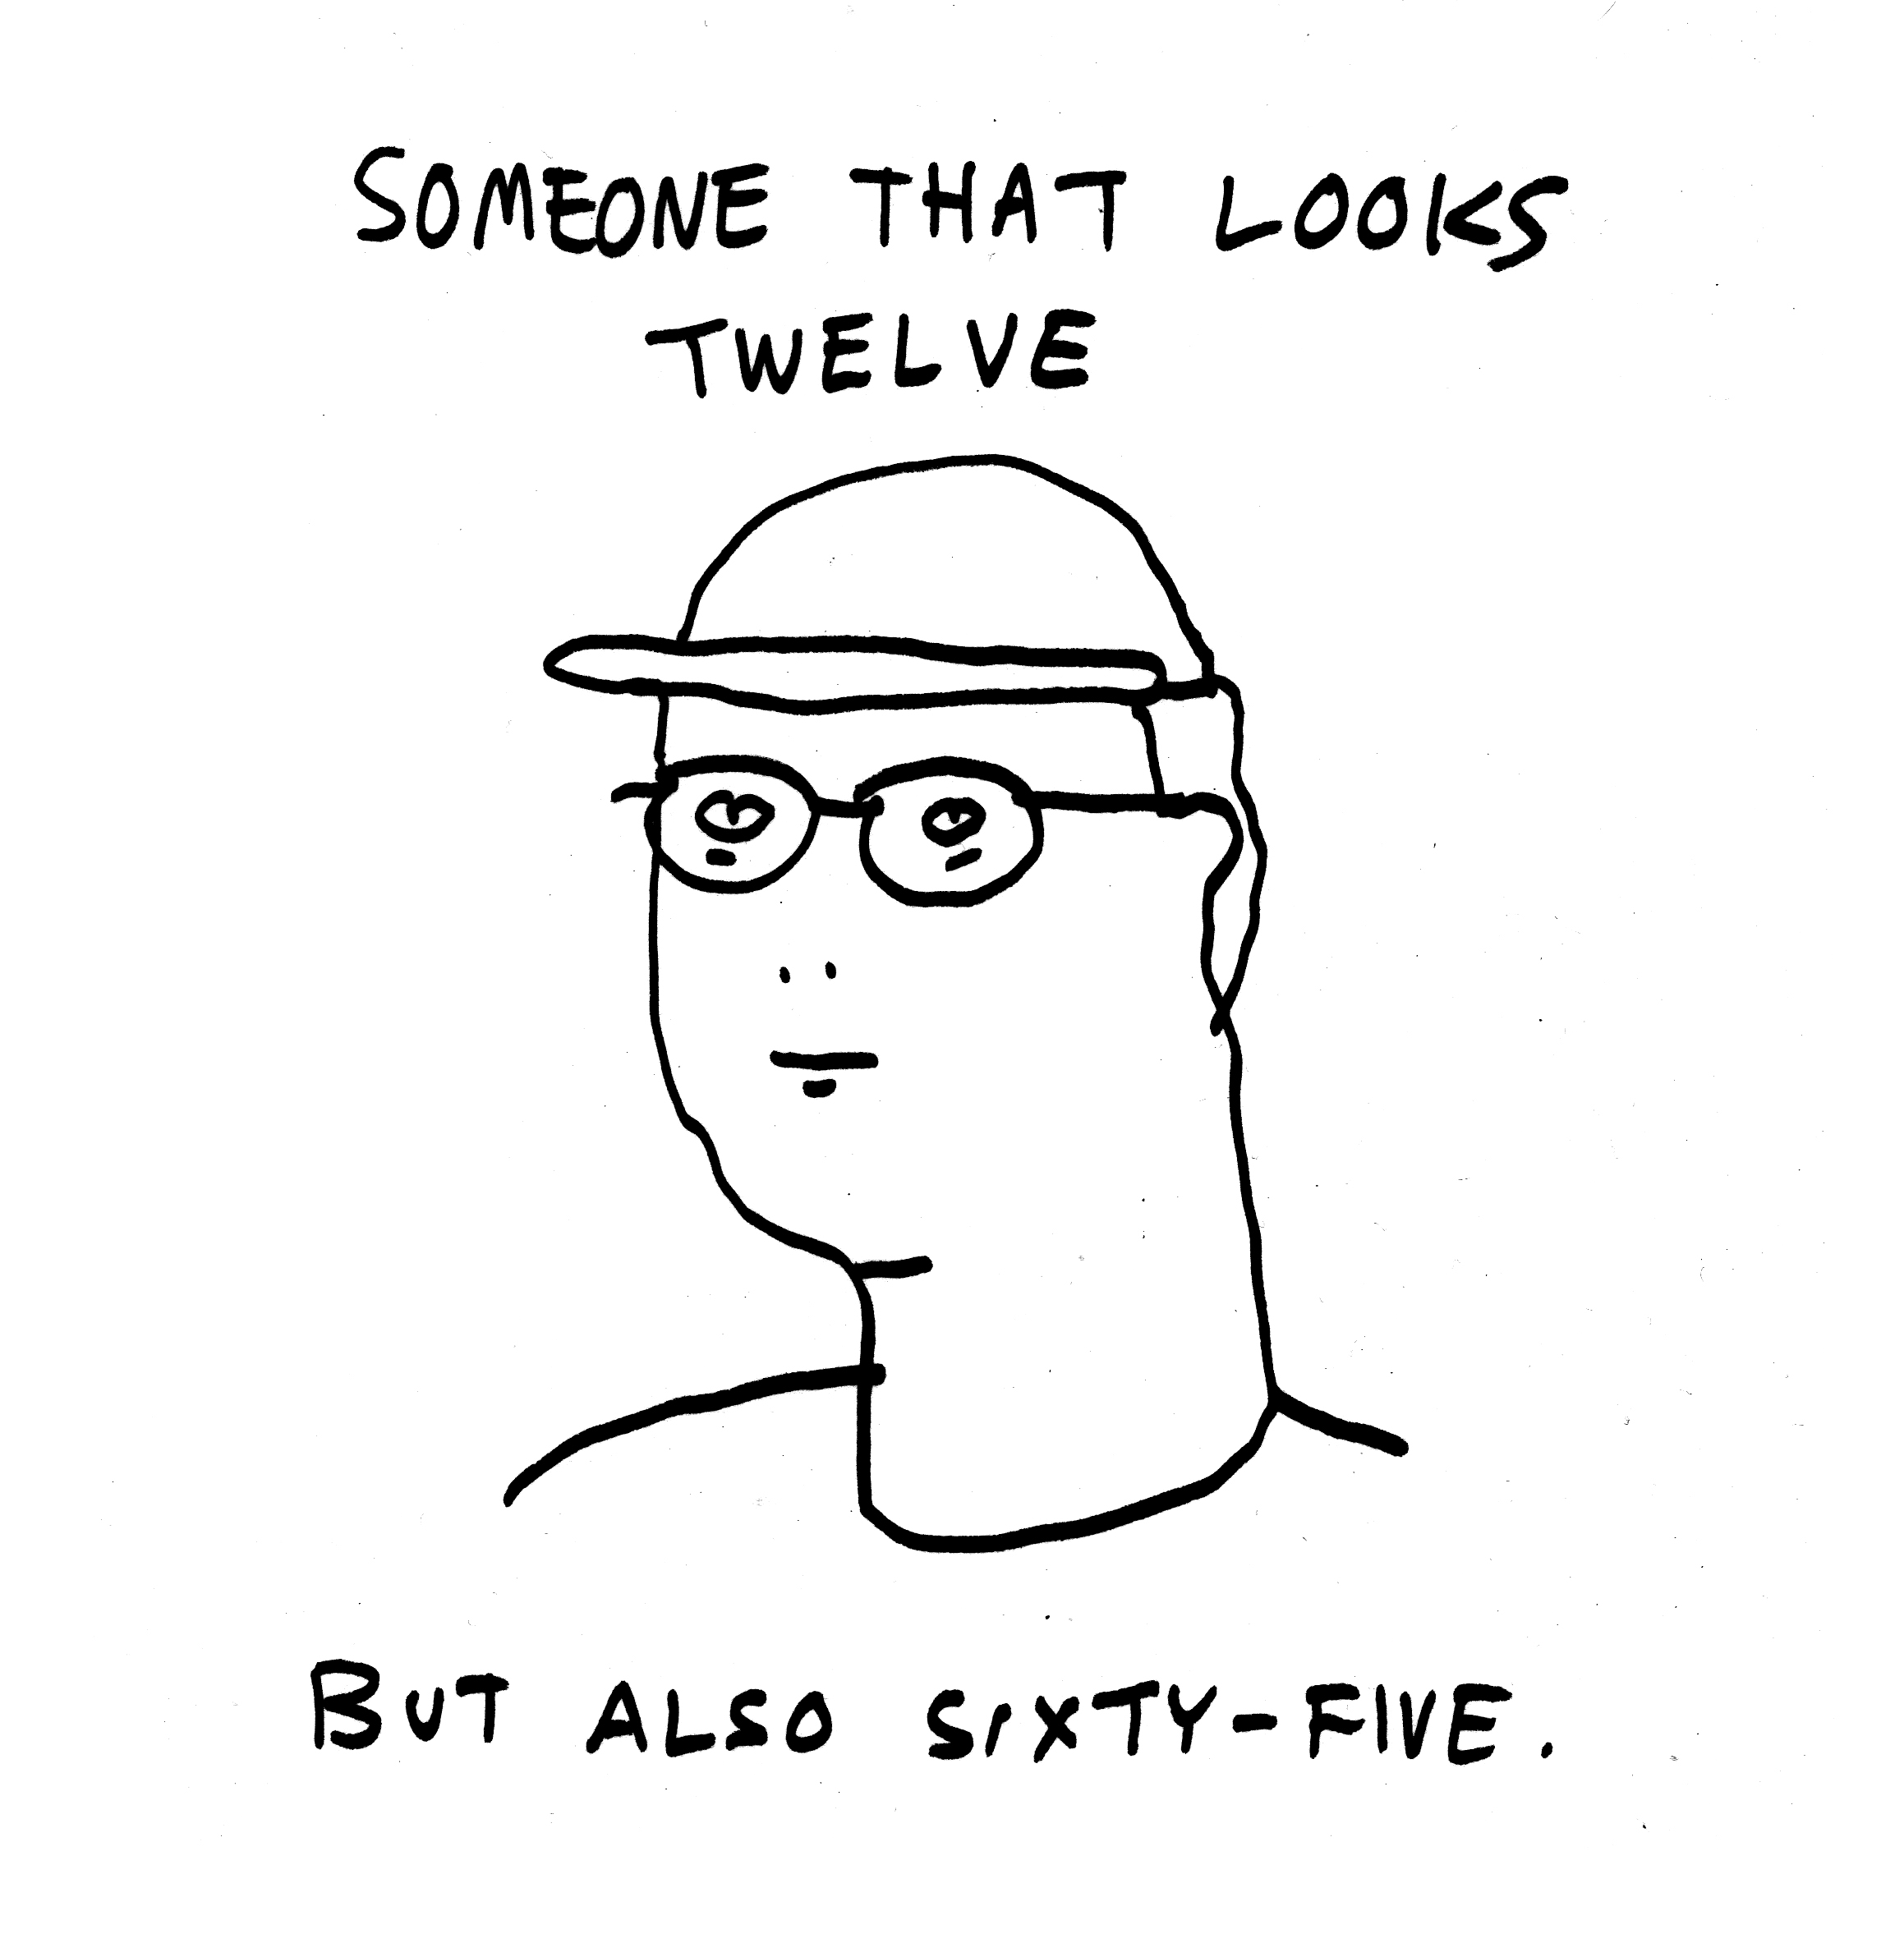 Someone that looks twelve